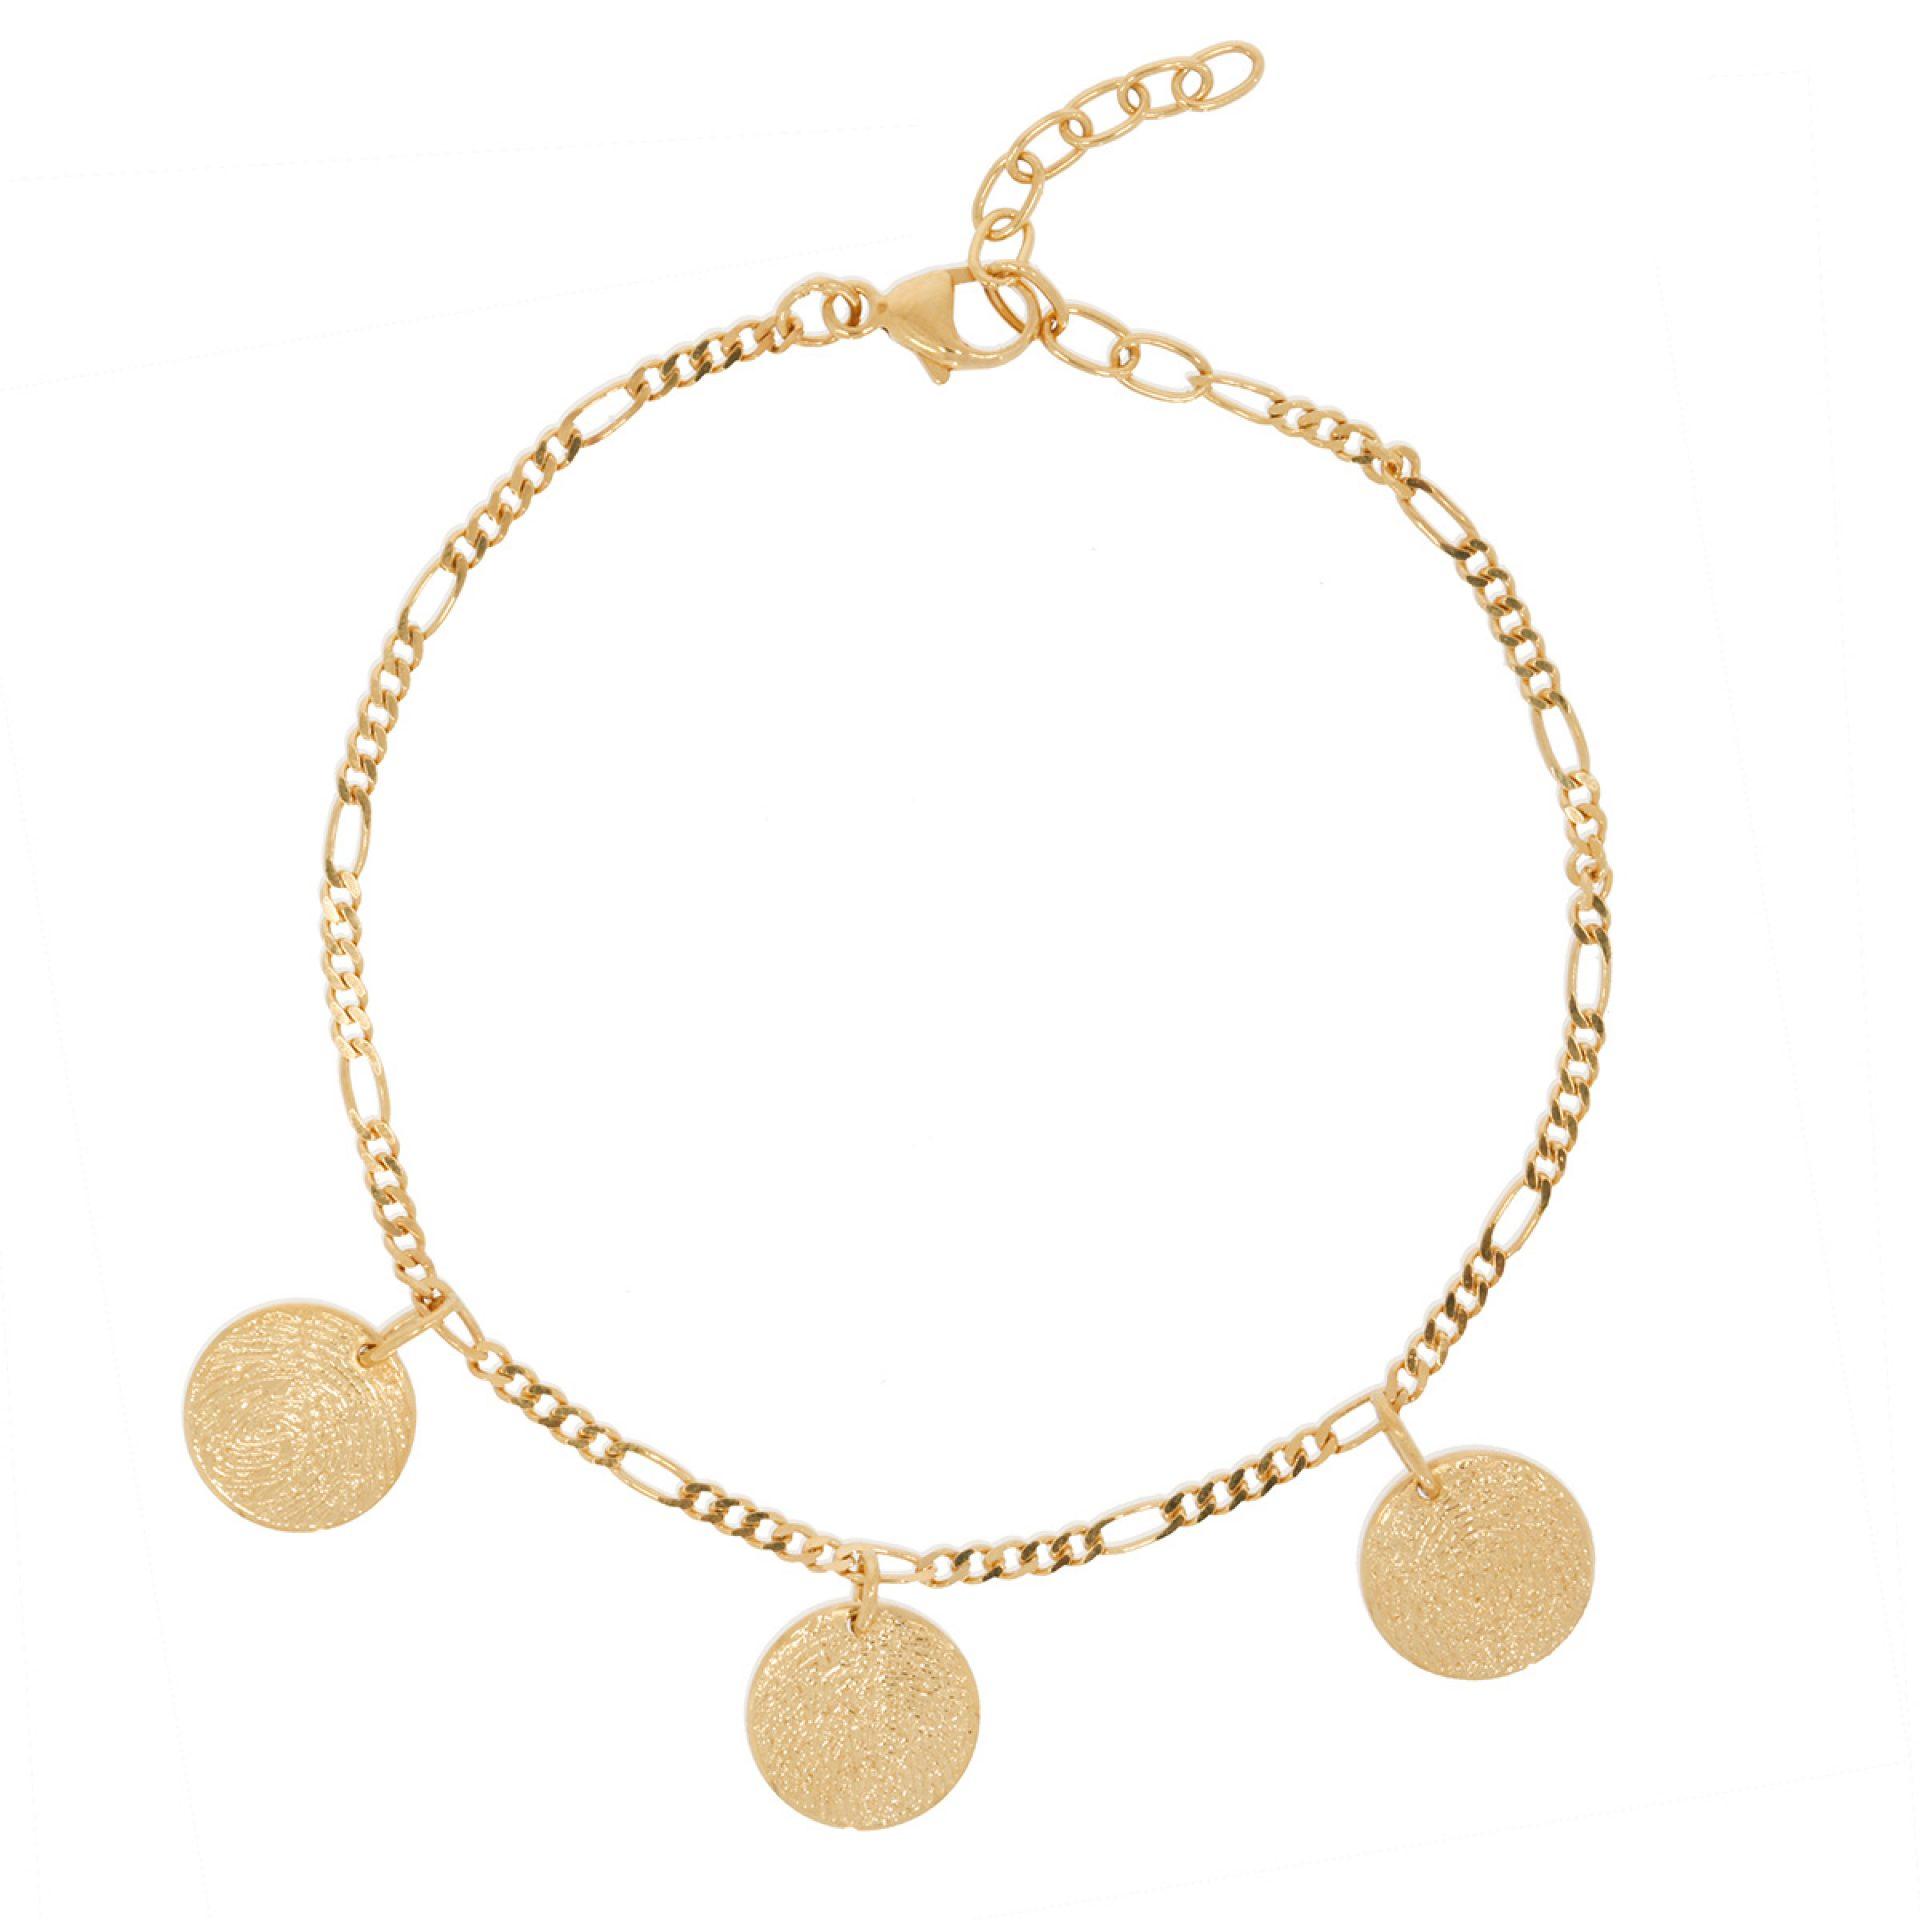 Armkette mit Gravur personalisiert Fingerprint Armkette Gold